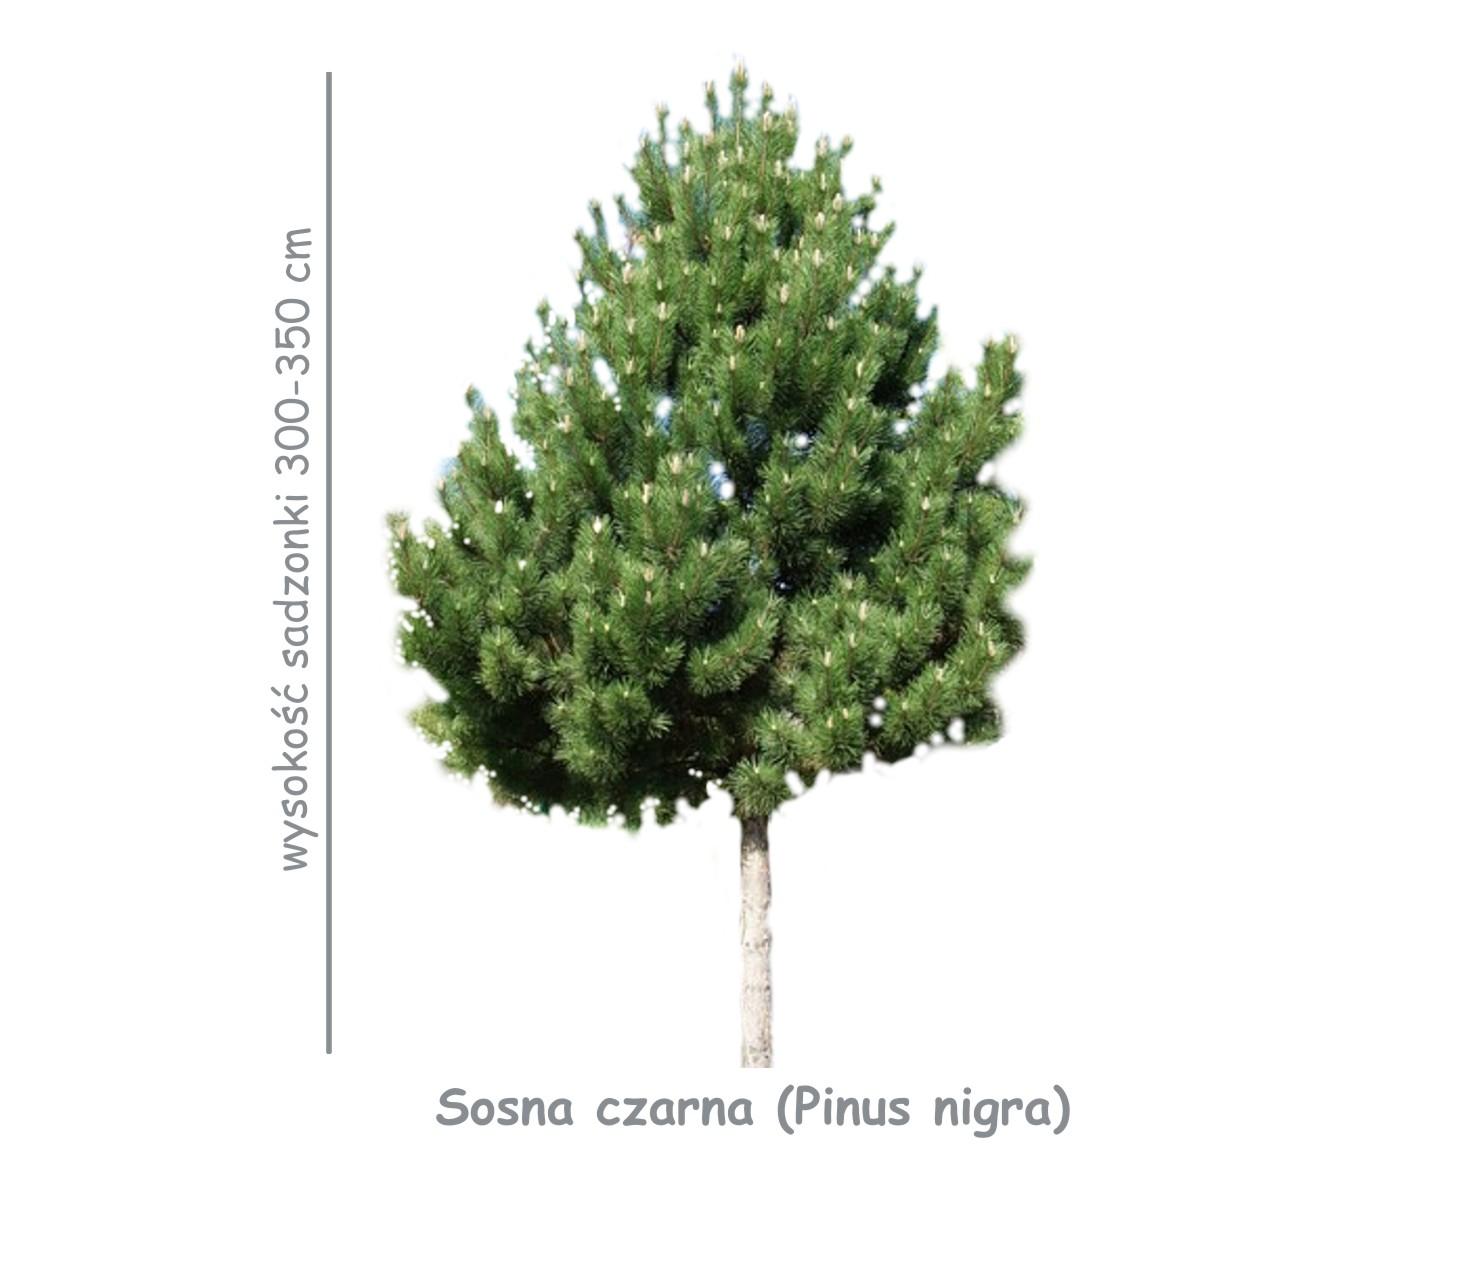 Sosna czarna (Pinus nigra) sadzonka o wysokości 300-350 cm